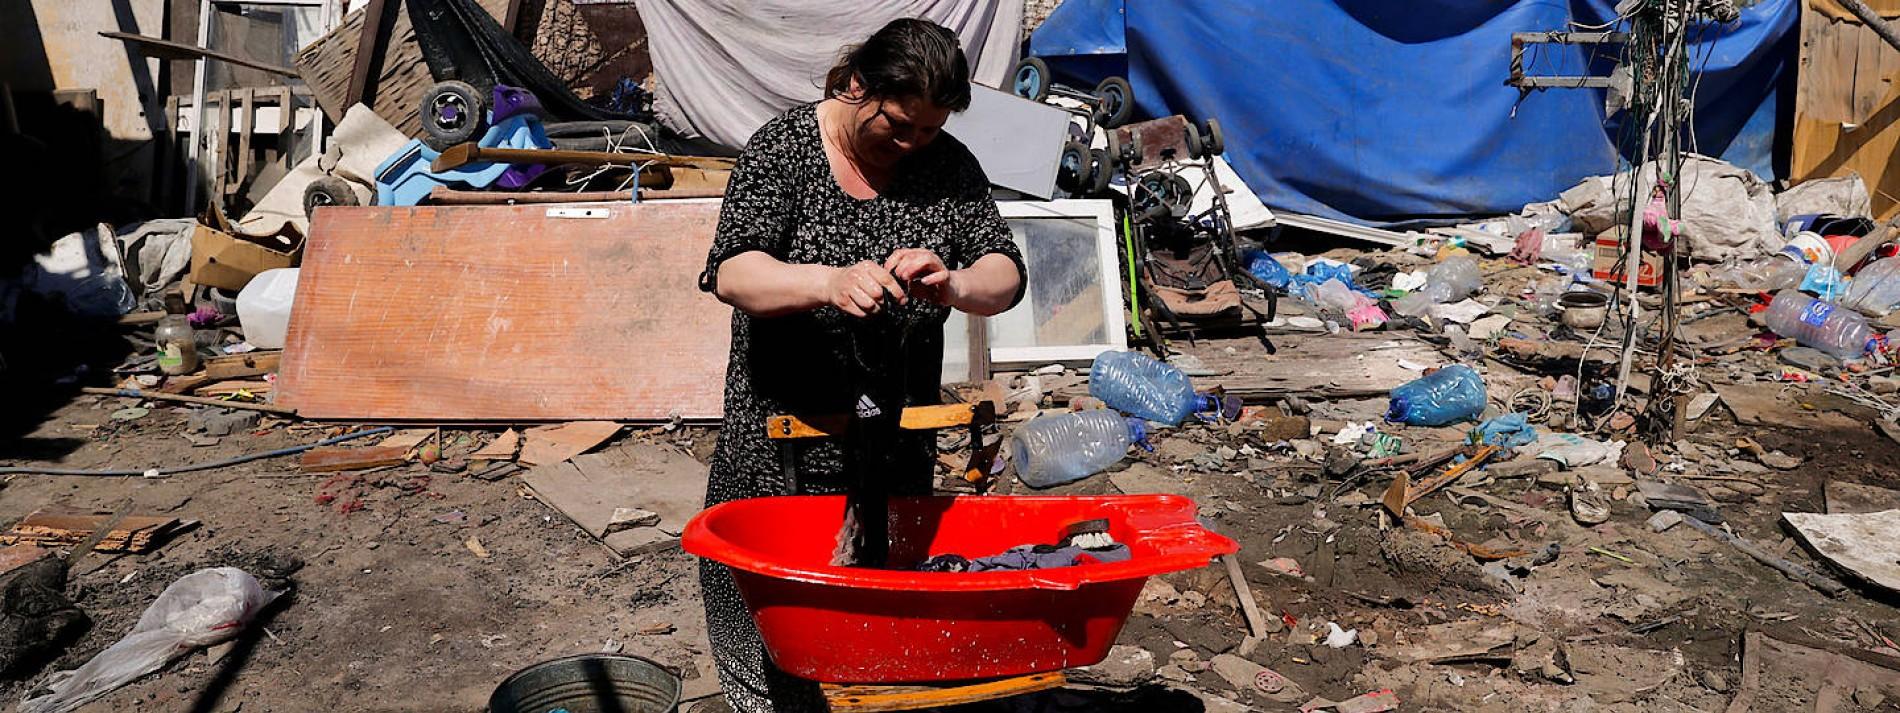 Roma-Slums als Impflücke Europas